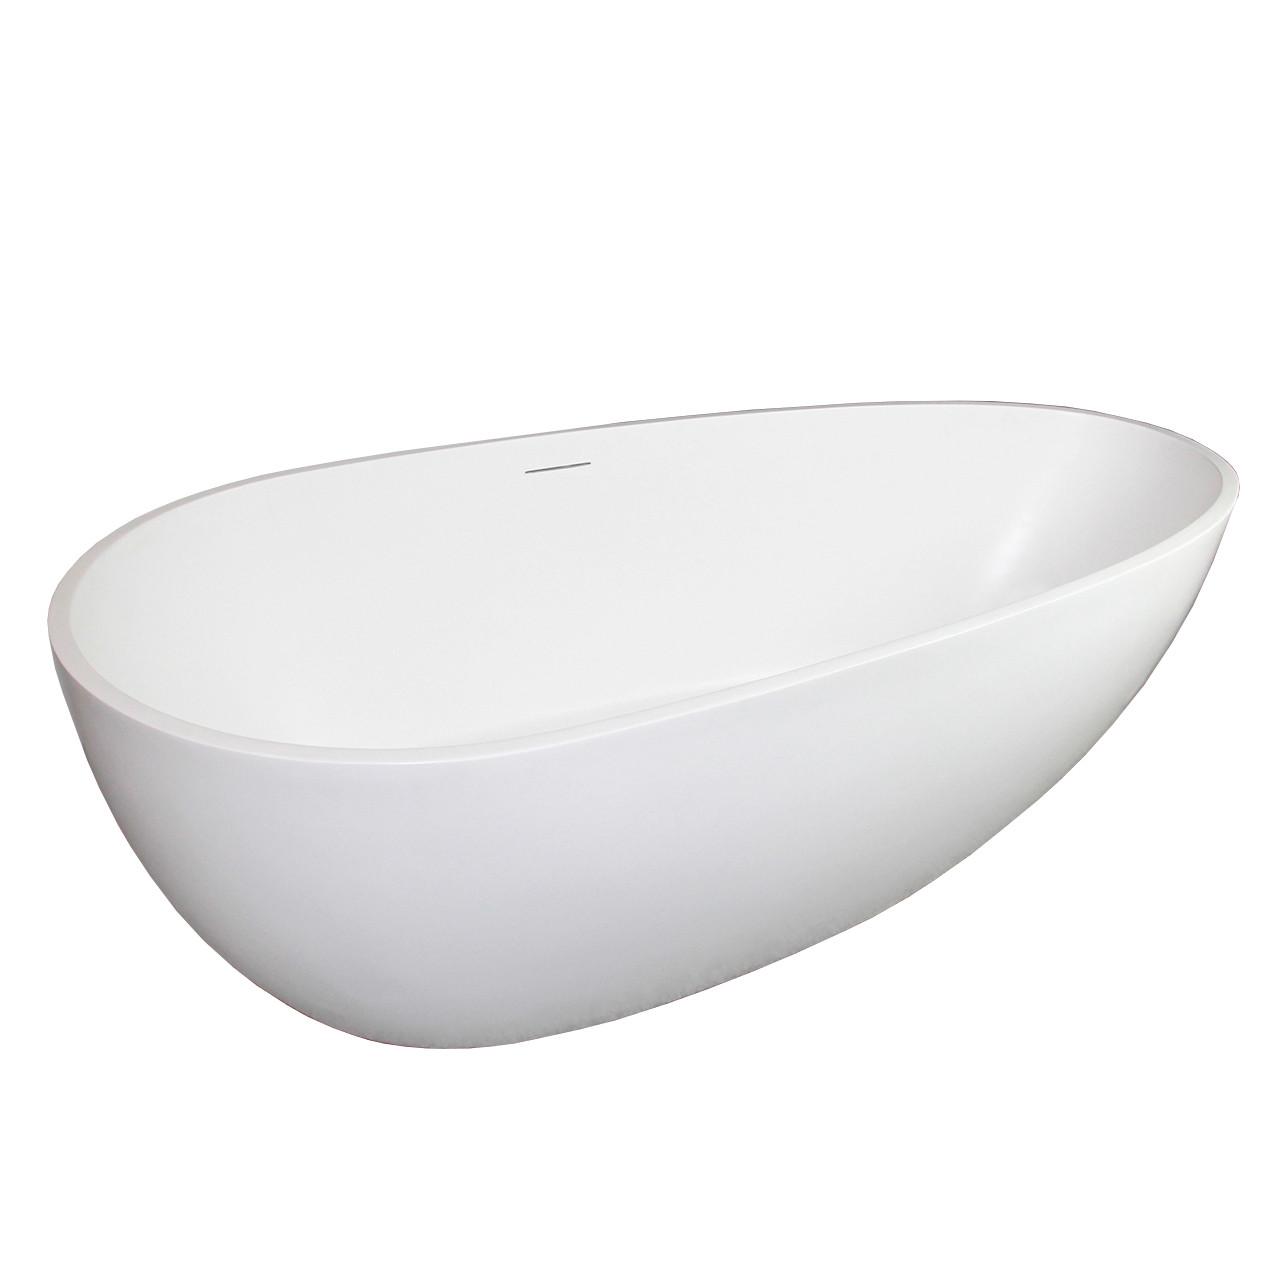 Ванна акриловая свободностоящая OCEAN 170х85x55